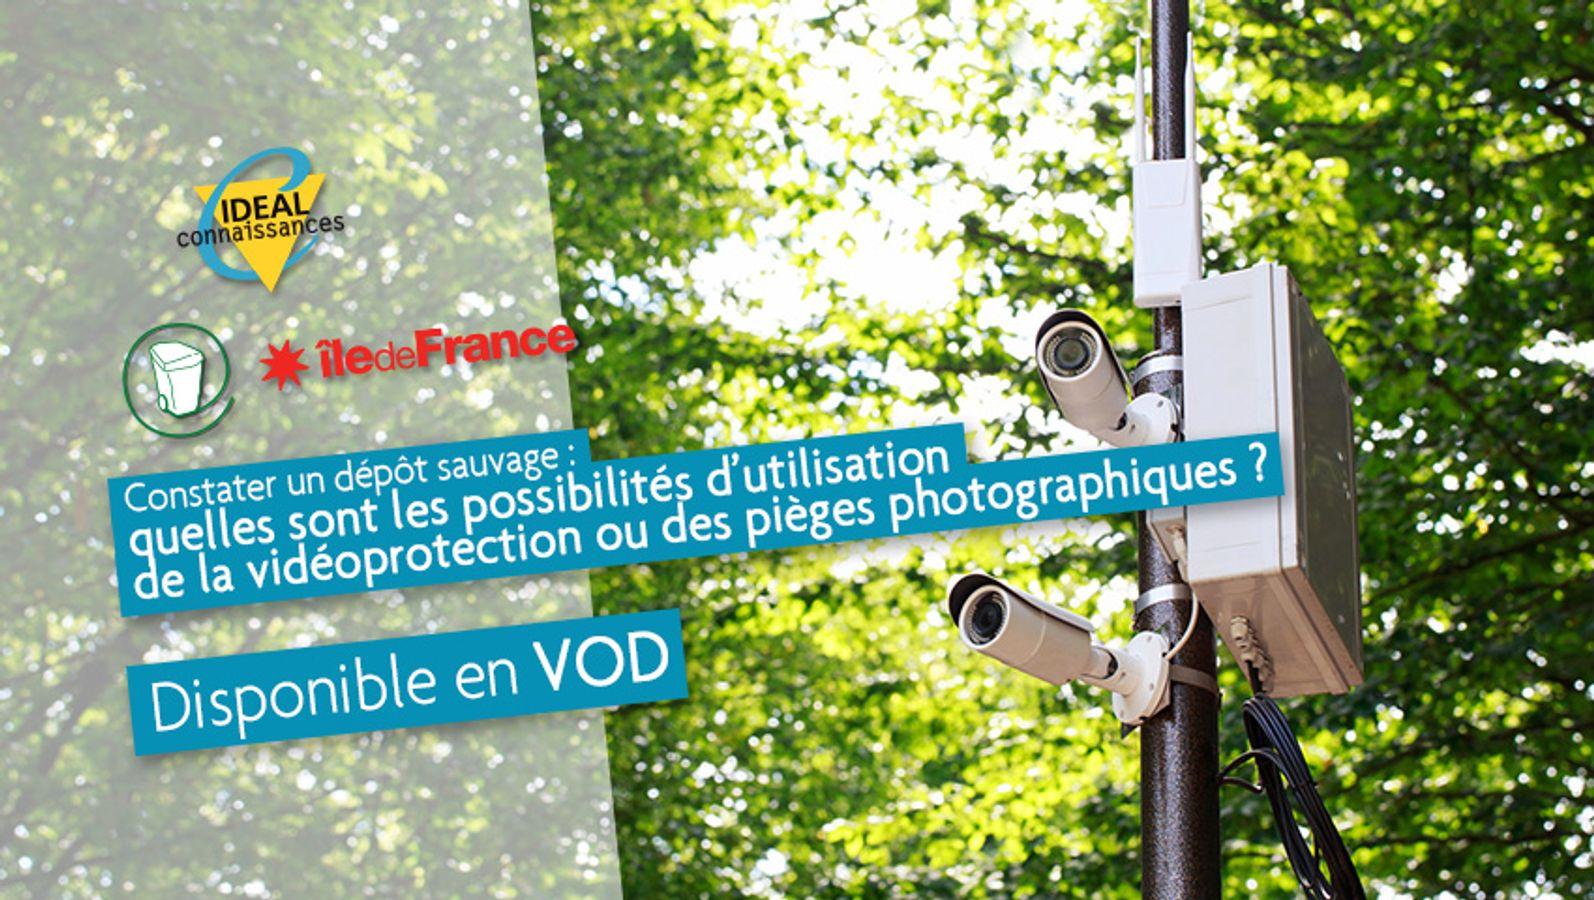 Constater un dépôt sauvage : quelles sont les possibilités d'utilisation de la vidéoprotection ou des pièges photographiques ?